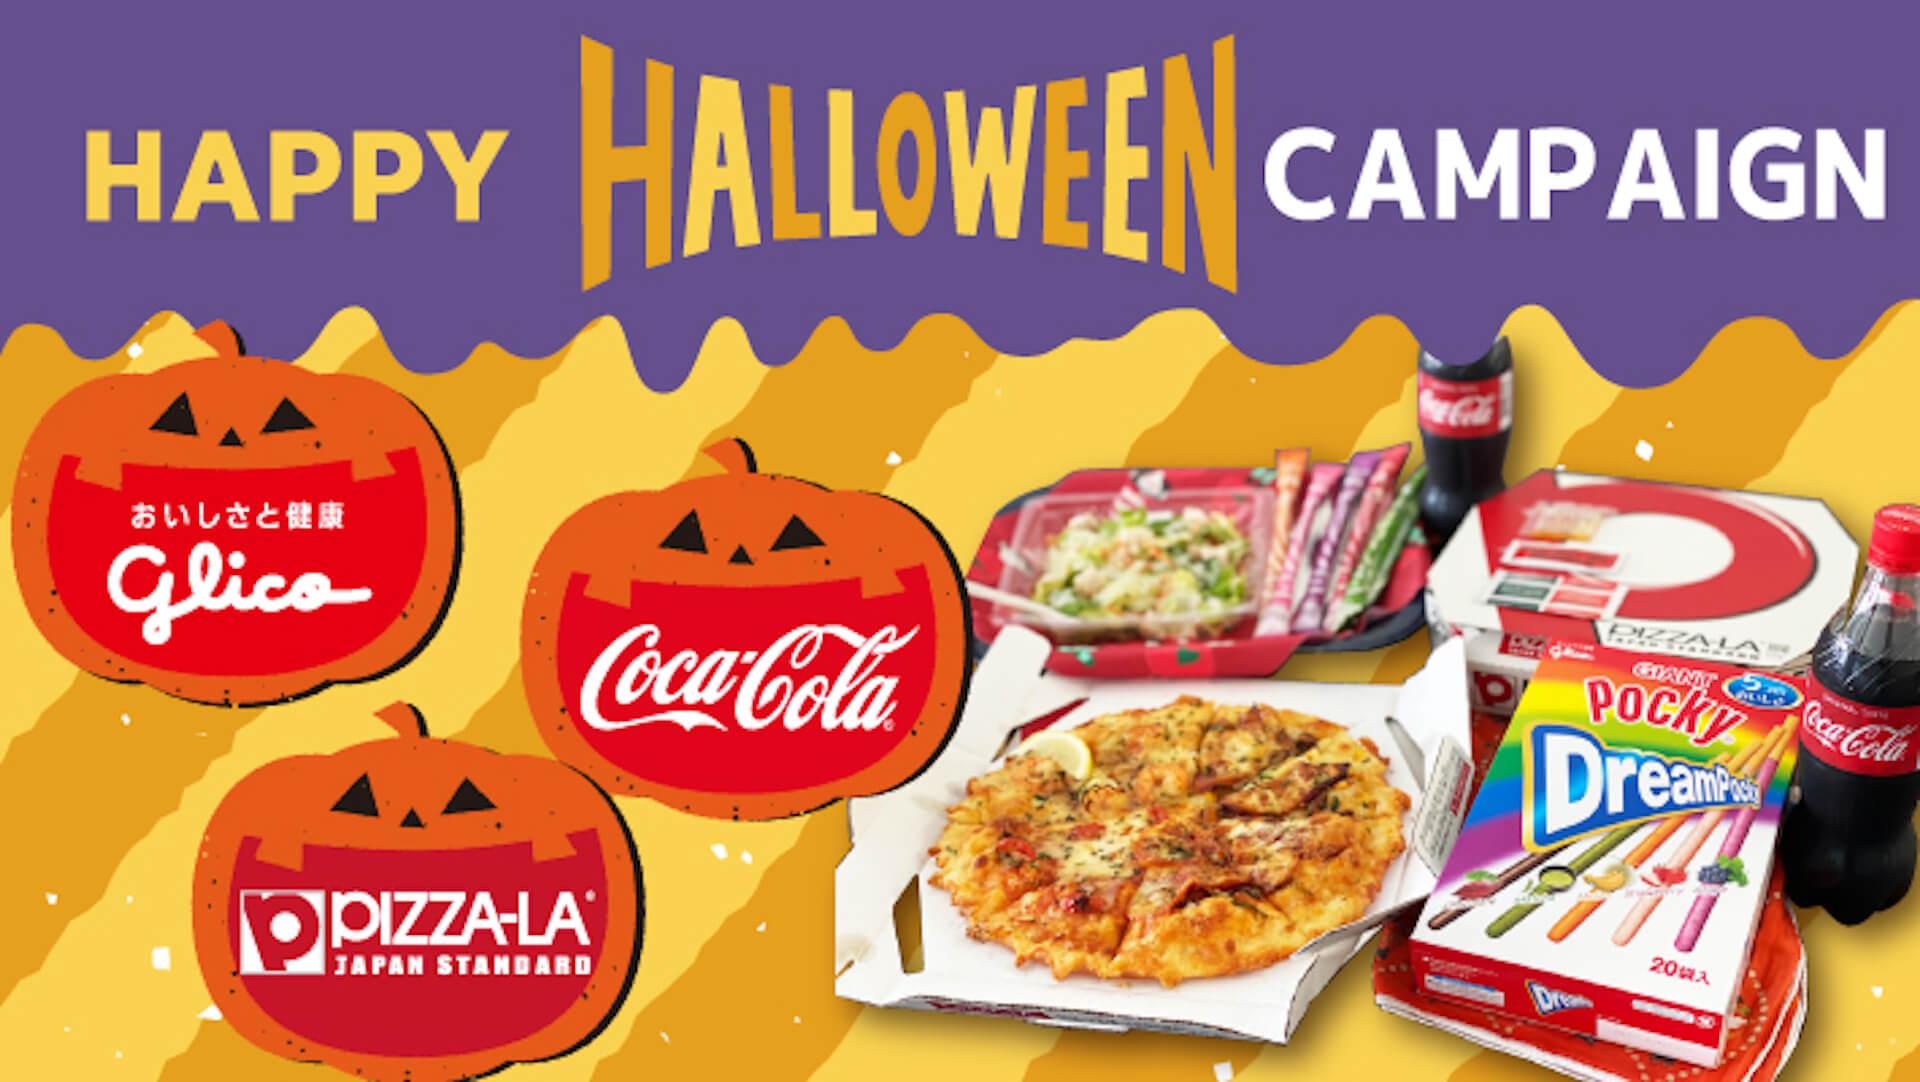 ピザチケットなどがつまった「ハロウィンパーティーセット」が当たる!<ピザーラ×コカ・コーラ×江崎グリコ コラボキャンペーン>がスタート gourmet2020108_pizza-la_21